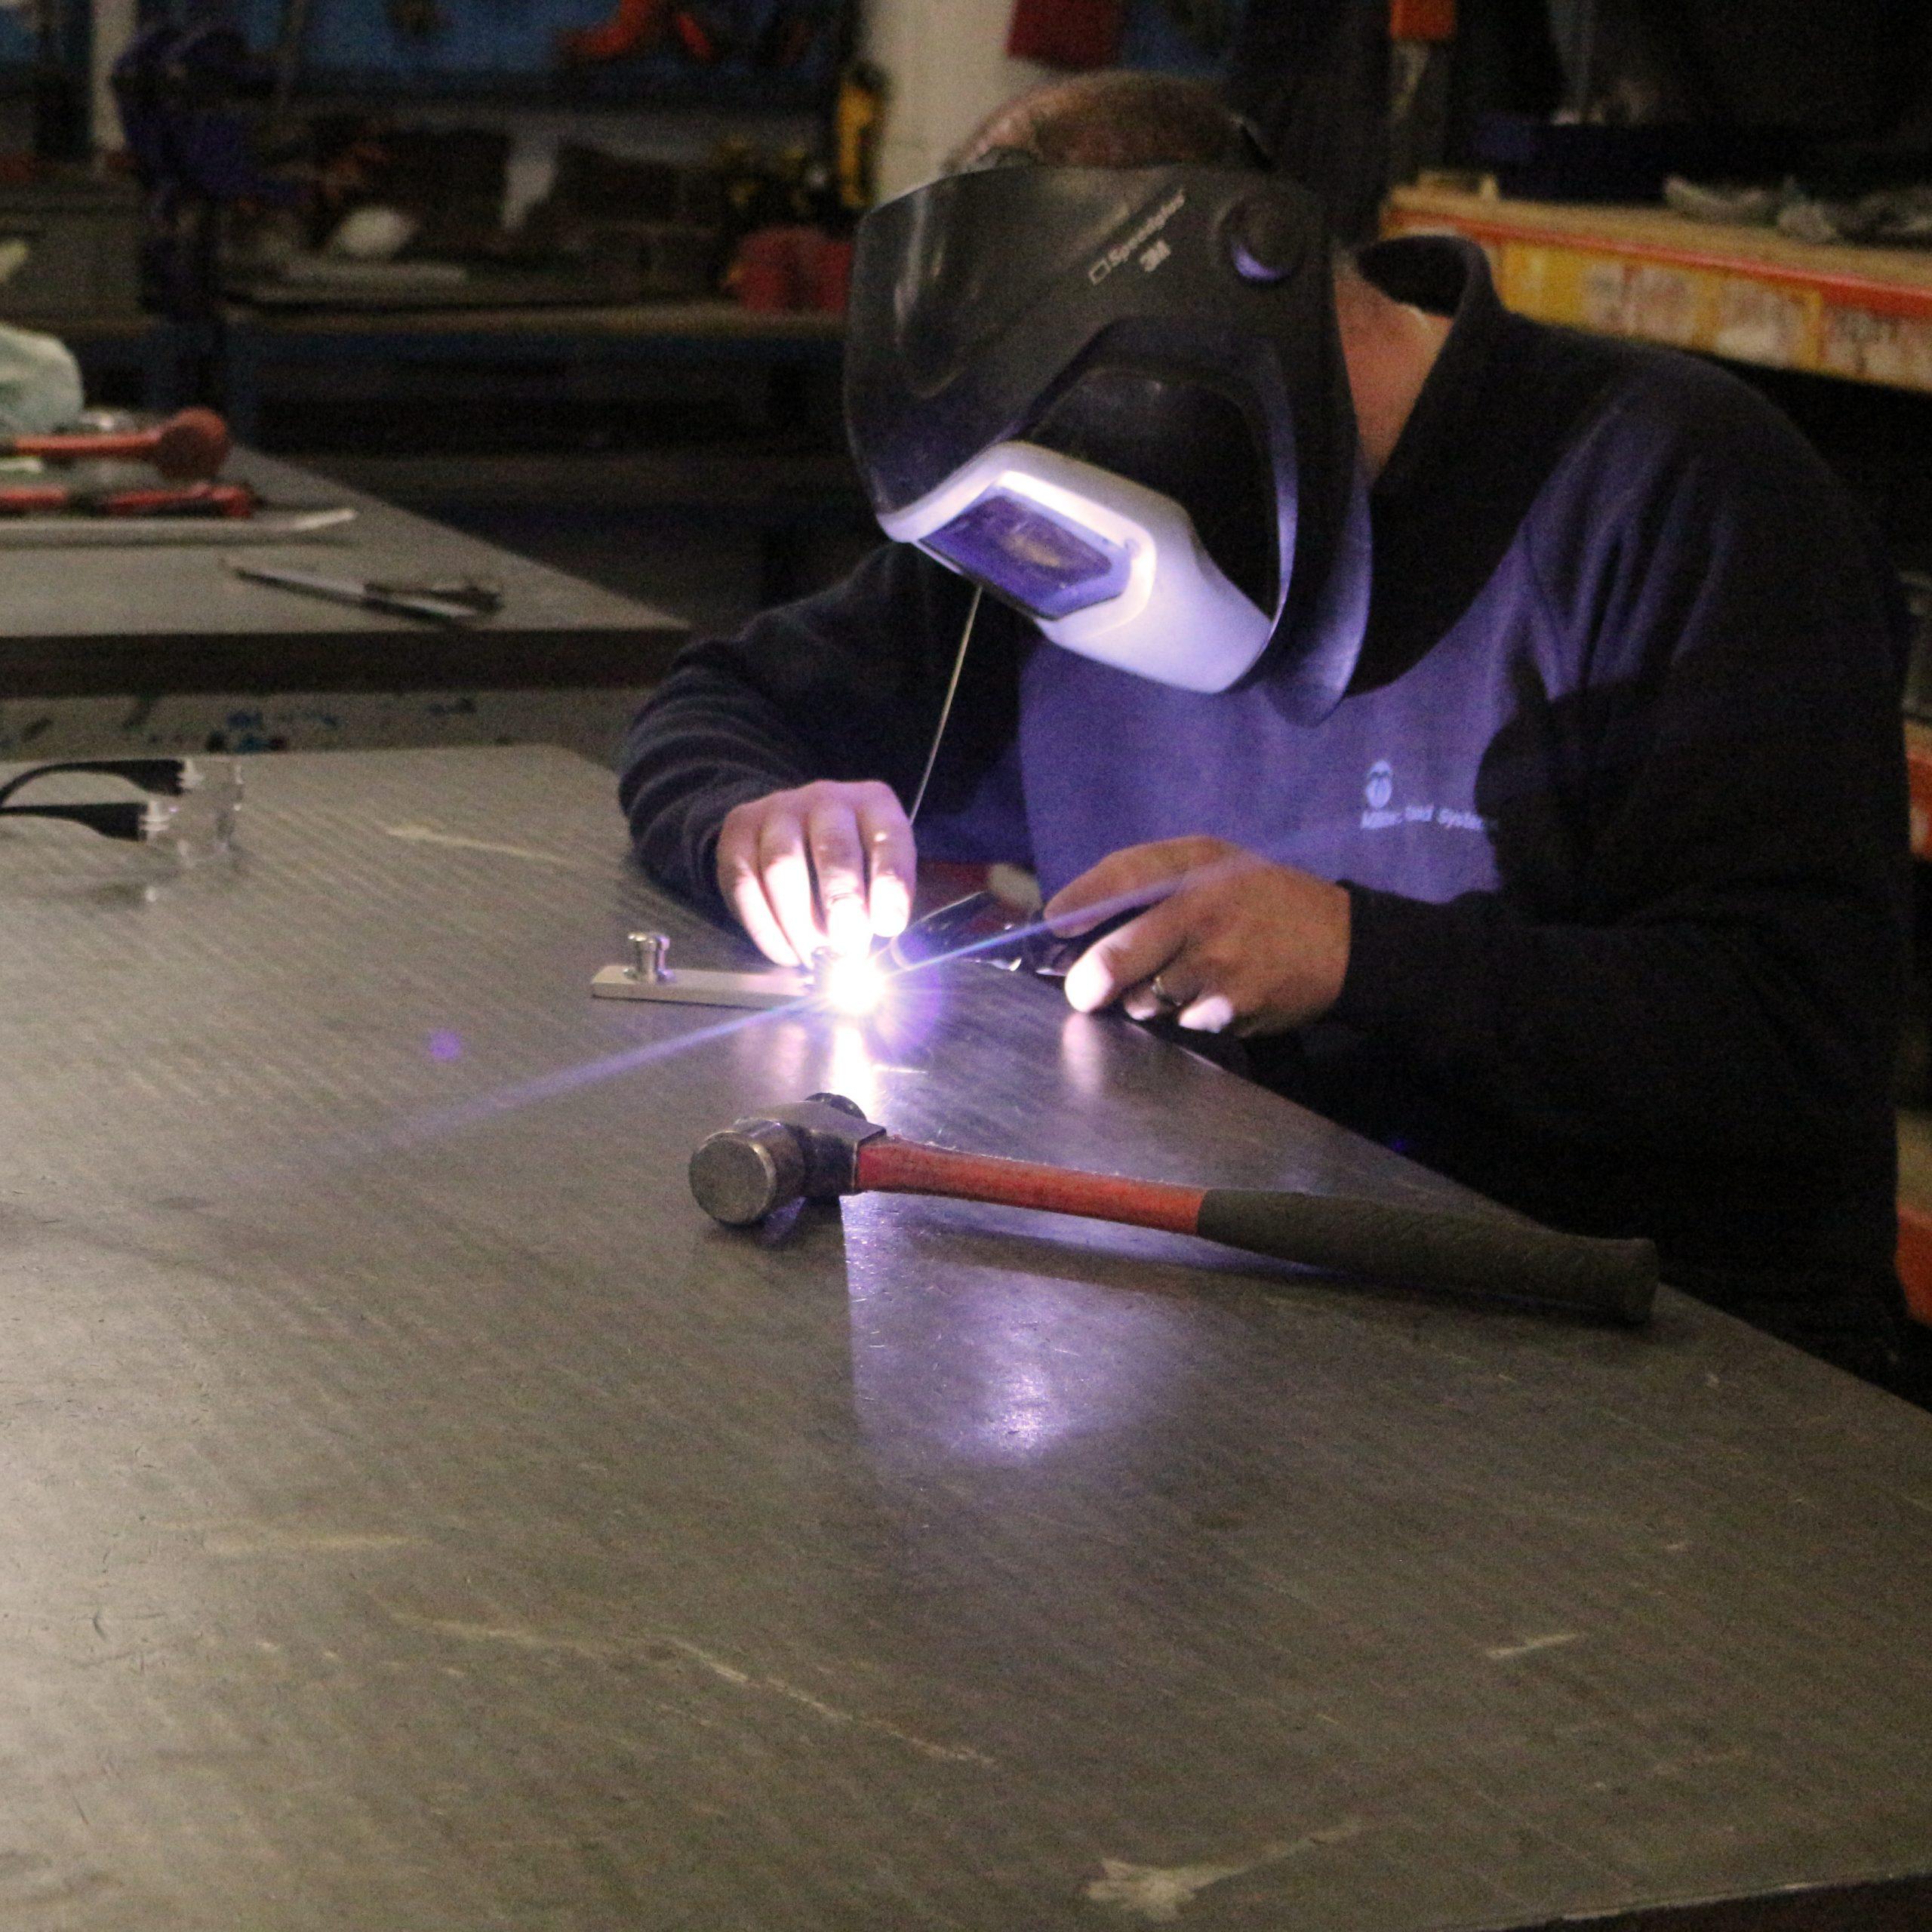 fabricator working